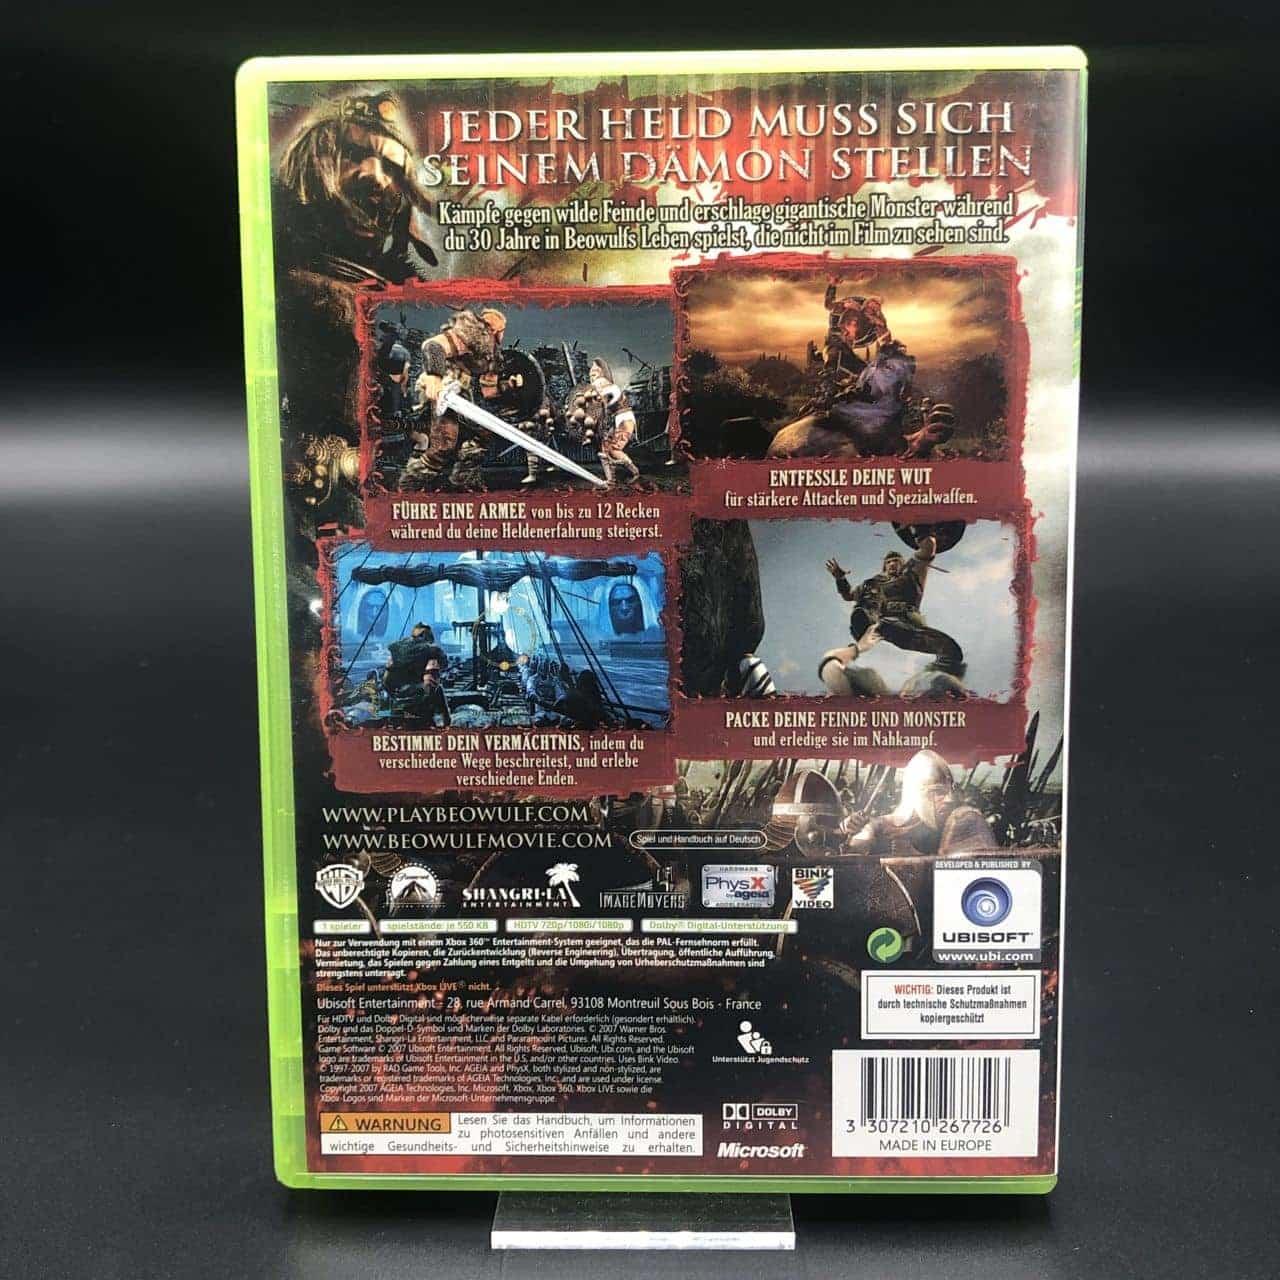 Die Legende von Beowulf - Das Spiel (Komplett) (Sehr gut) XBOX 360 (FSK18)